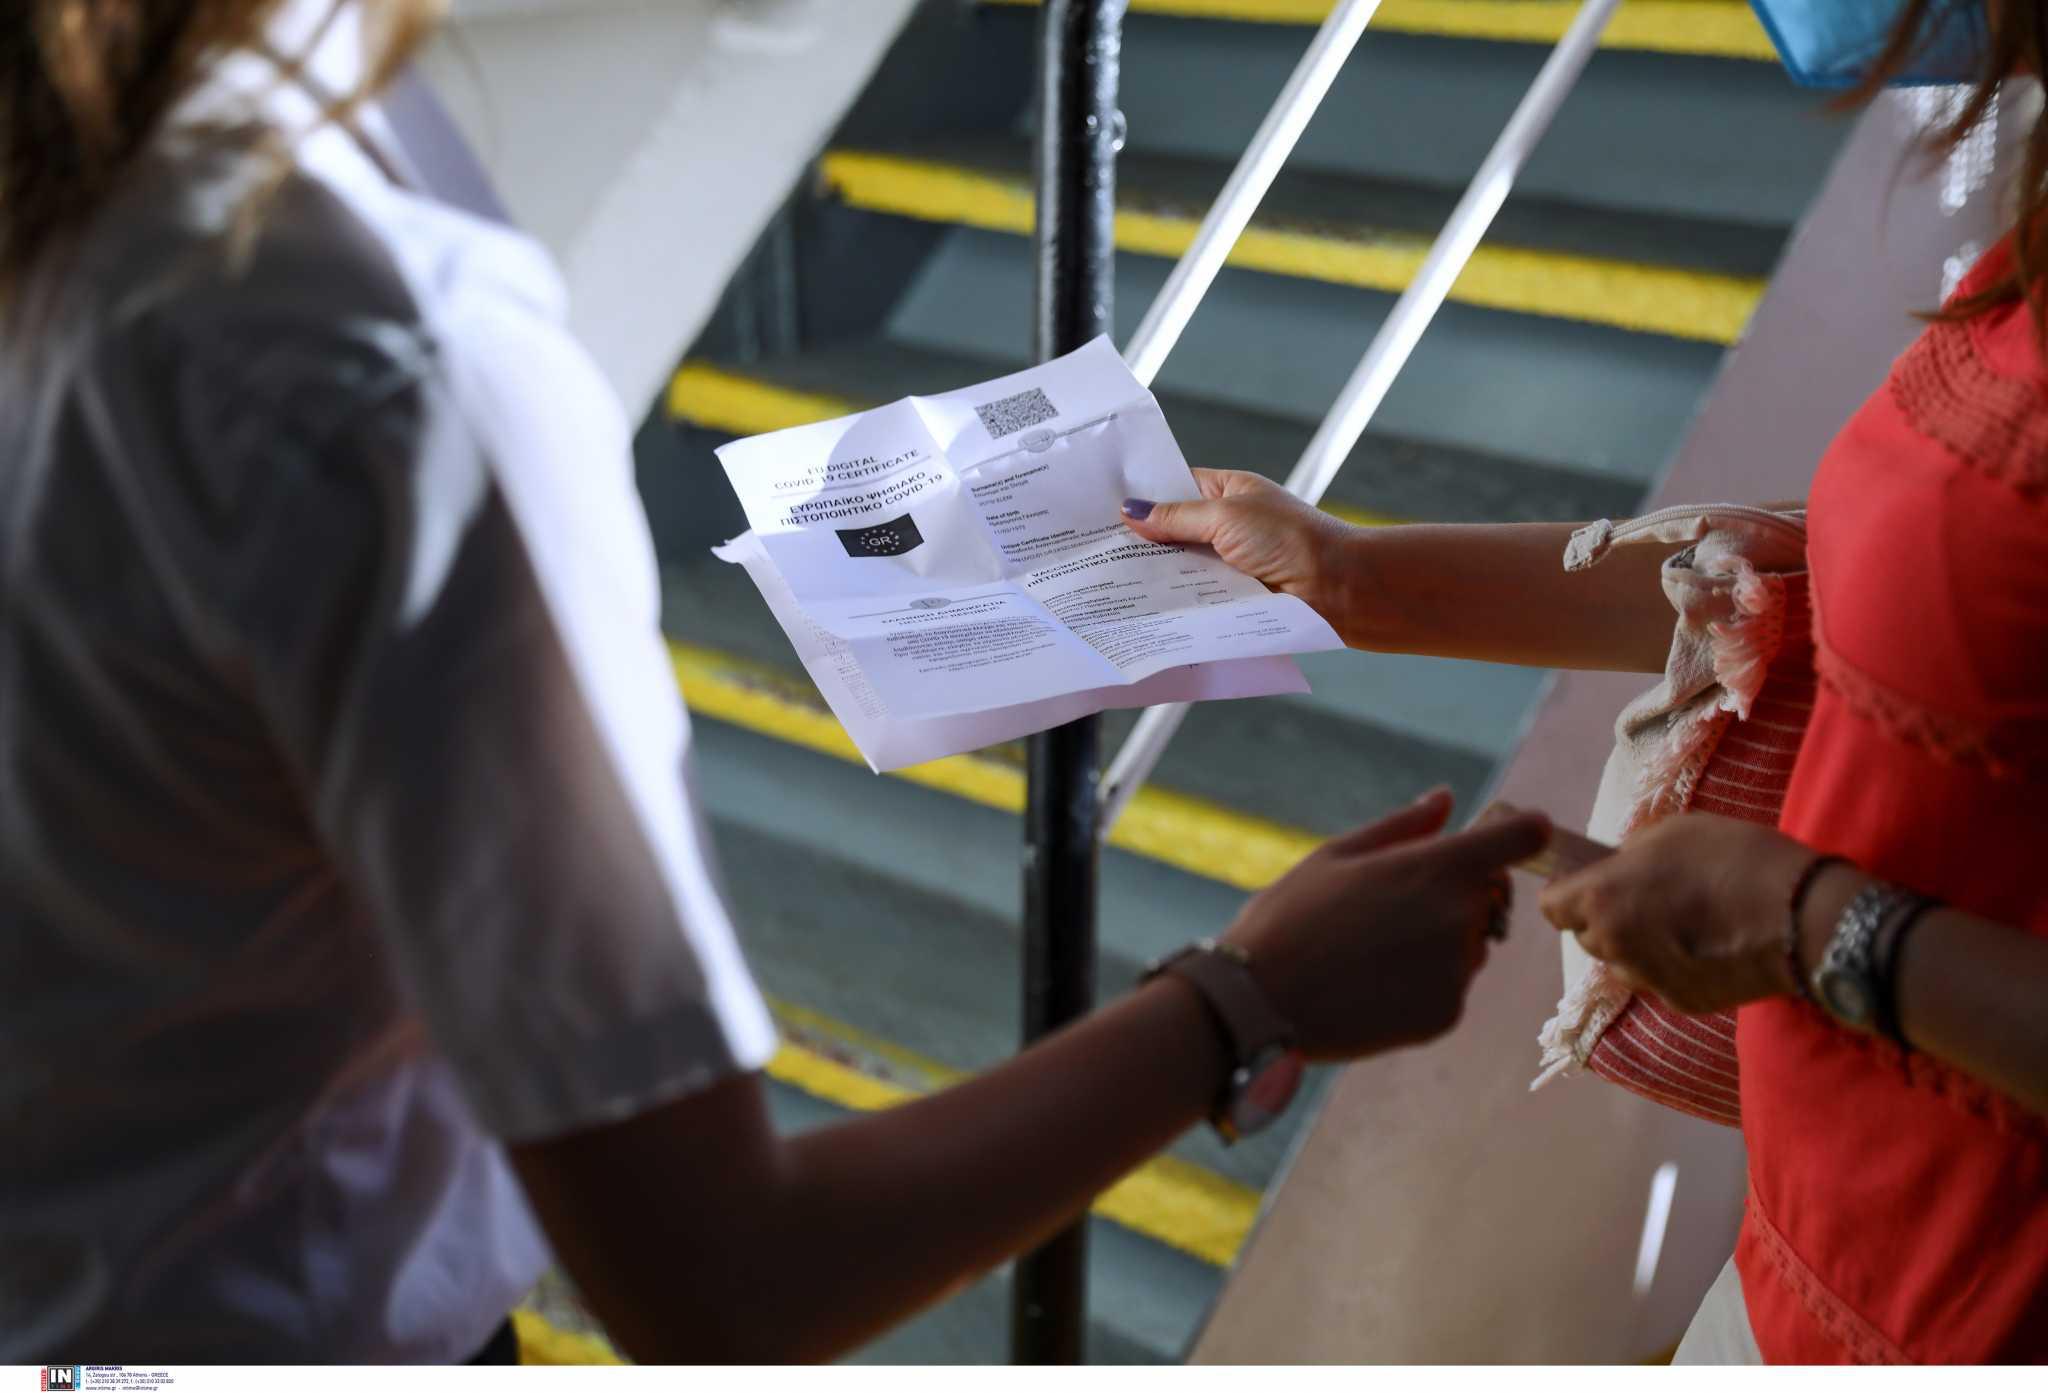 Πιστοποιητικά εμβολιασμού: Υποχρεωτικά για την προσέλευση στην εργασία από Δευτέρα